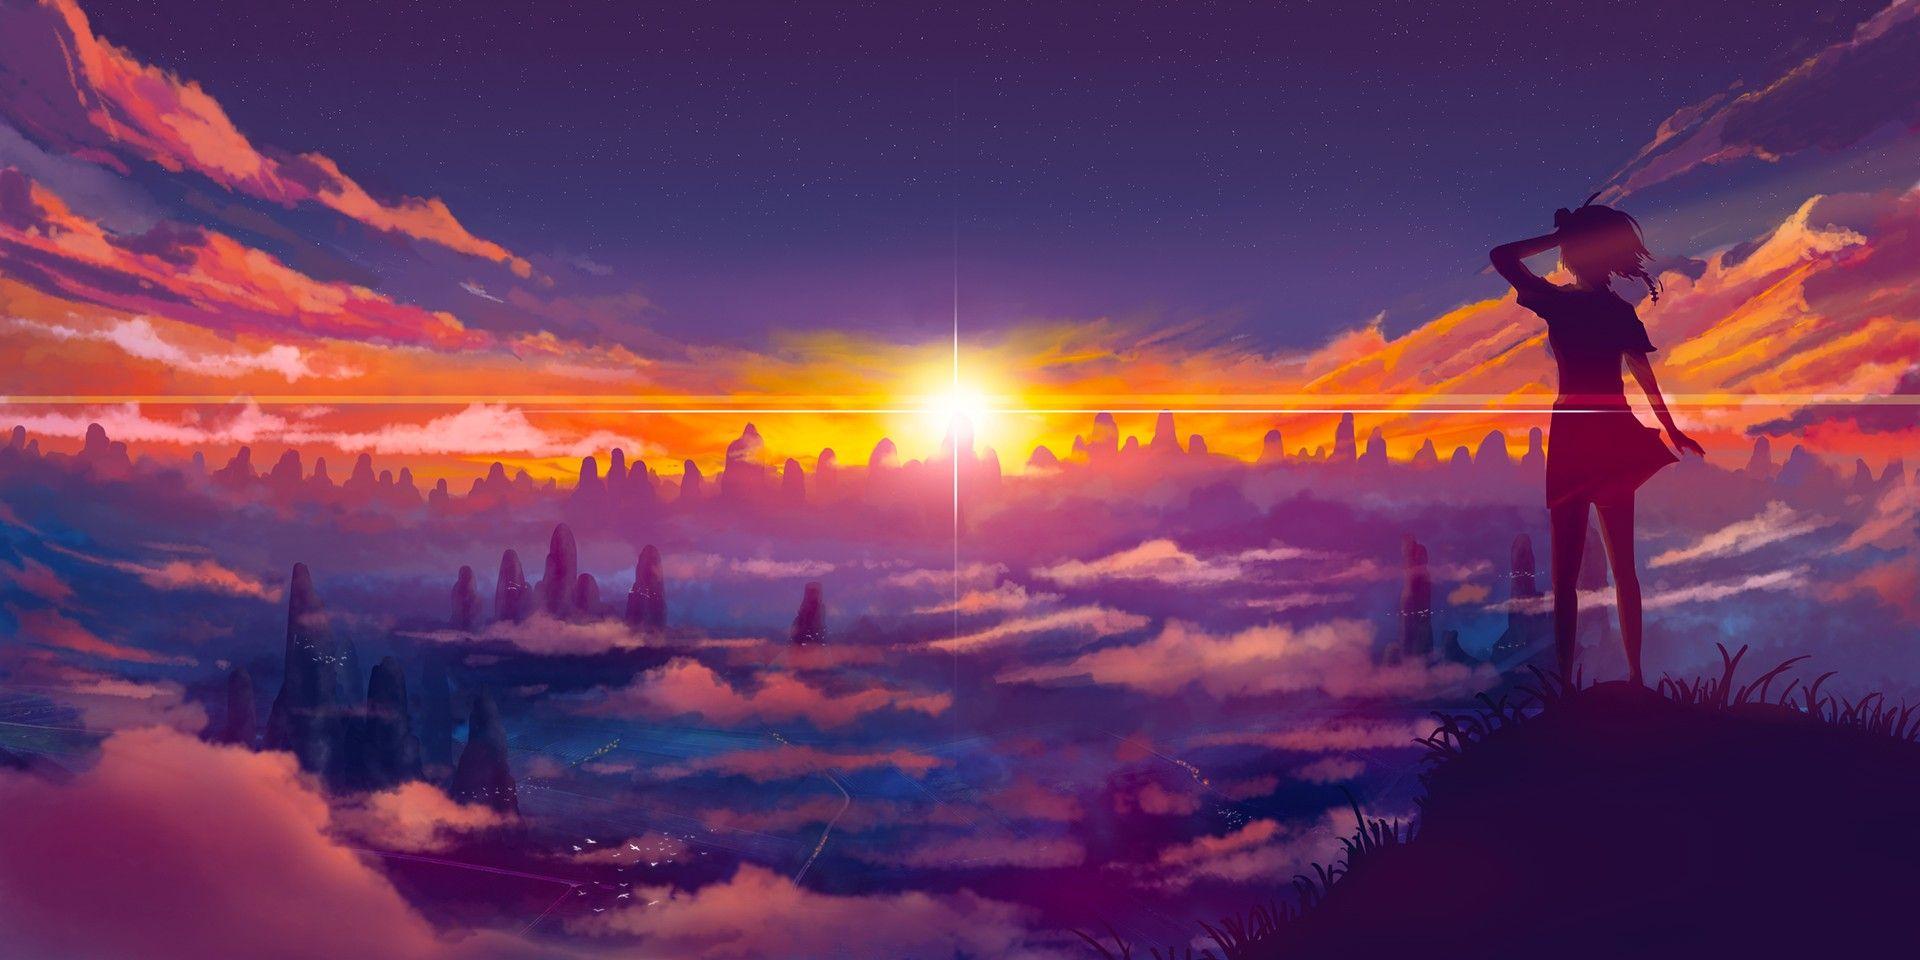 Girl And Sunset wallpaper 風景, 景色, 写真